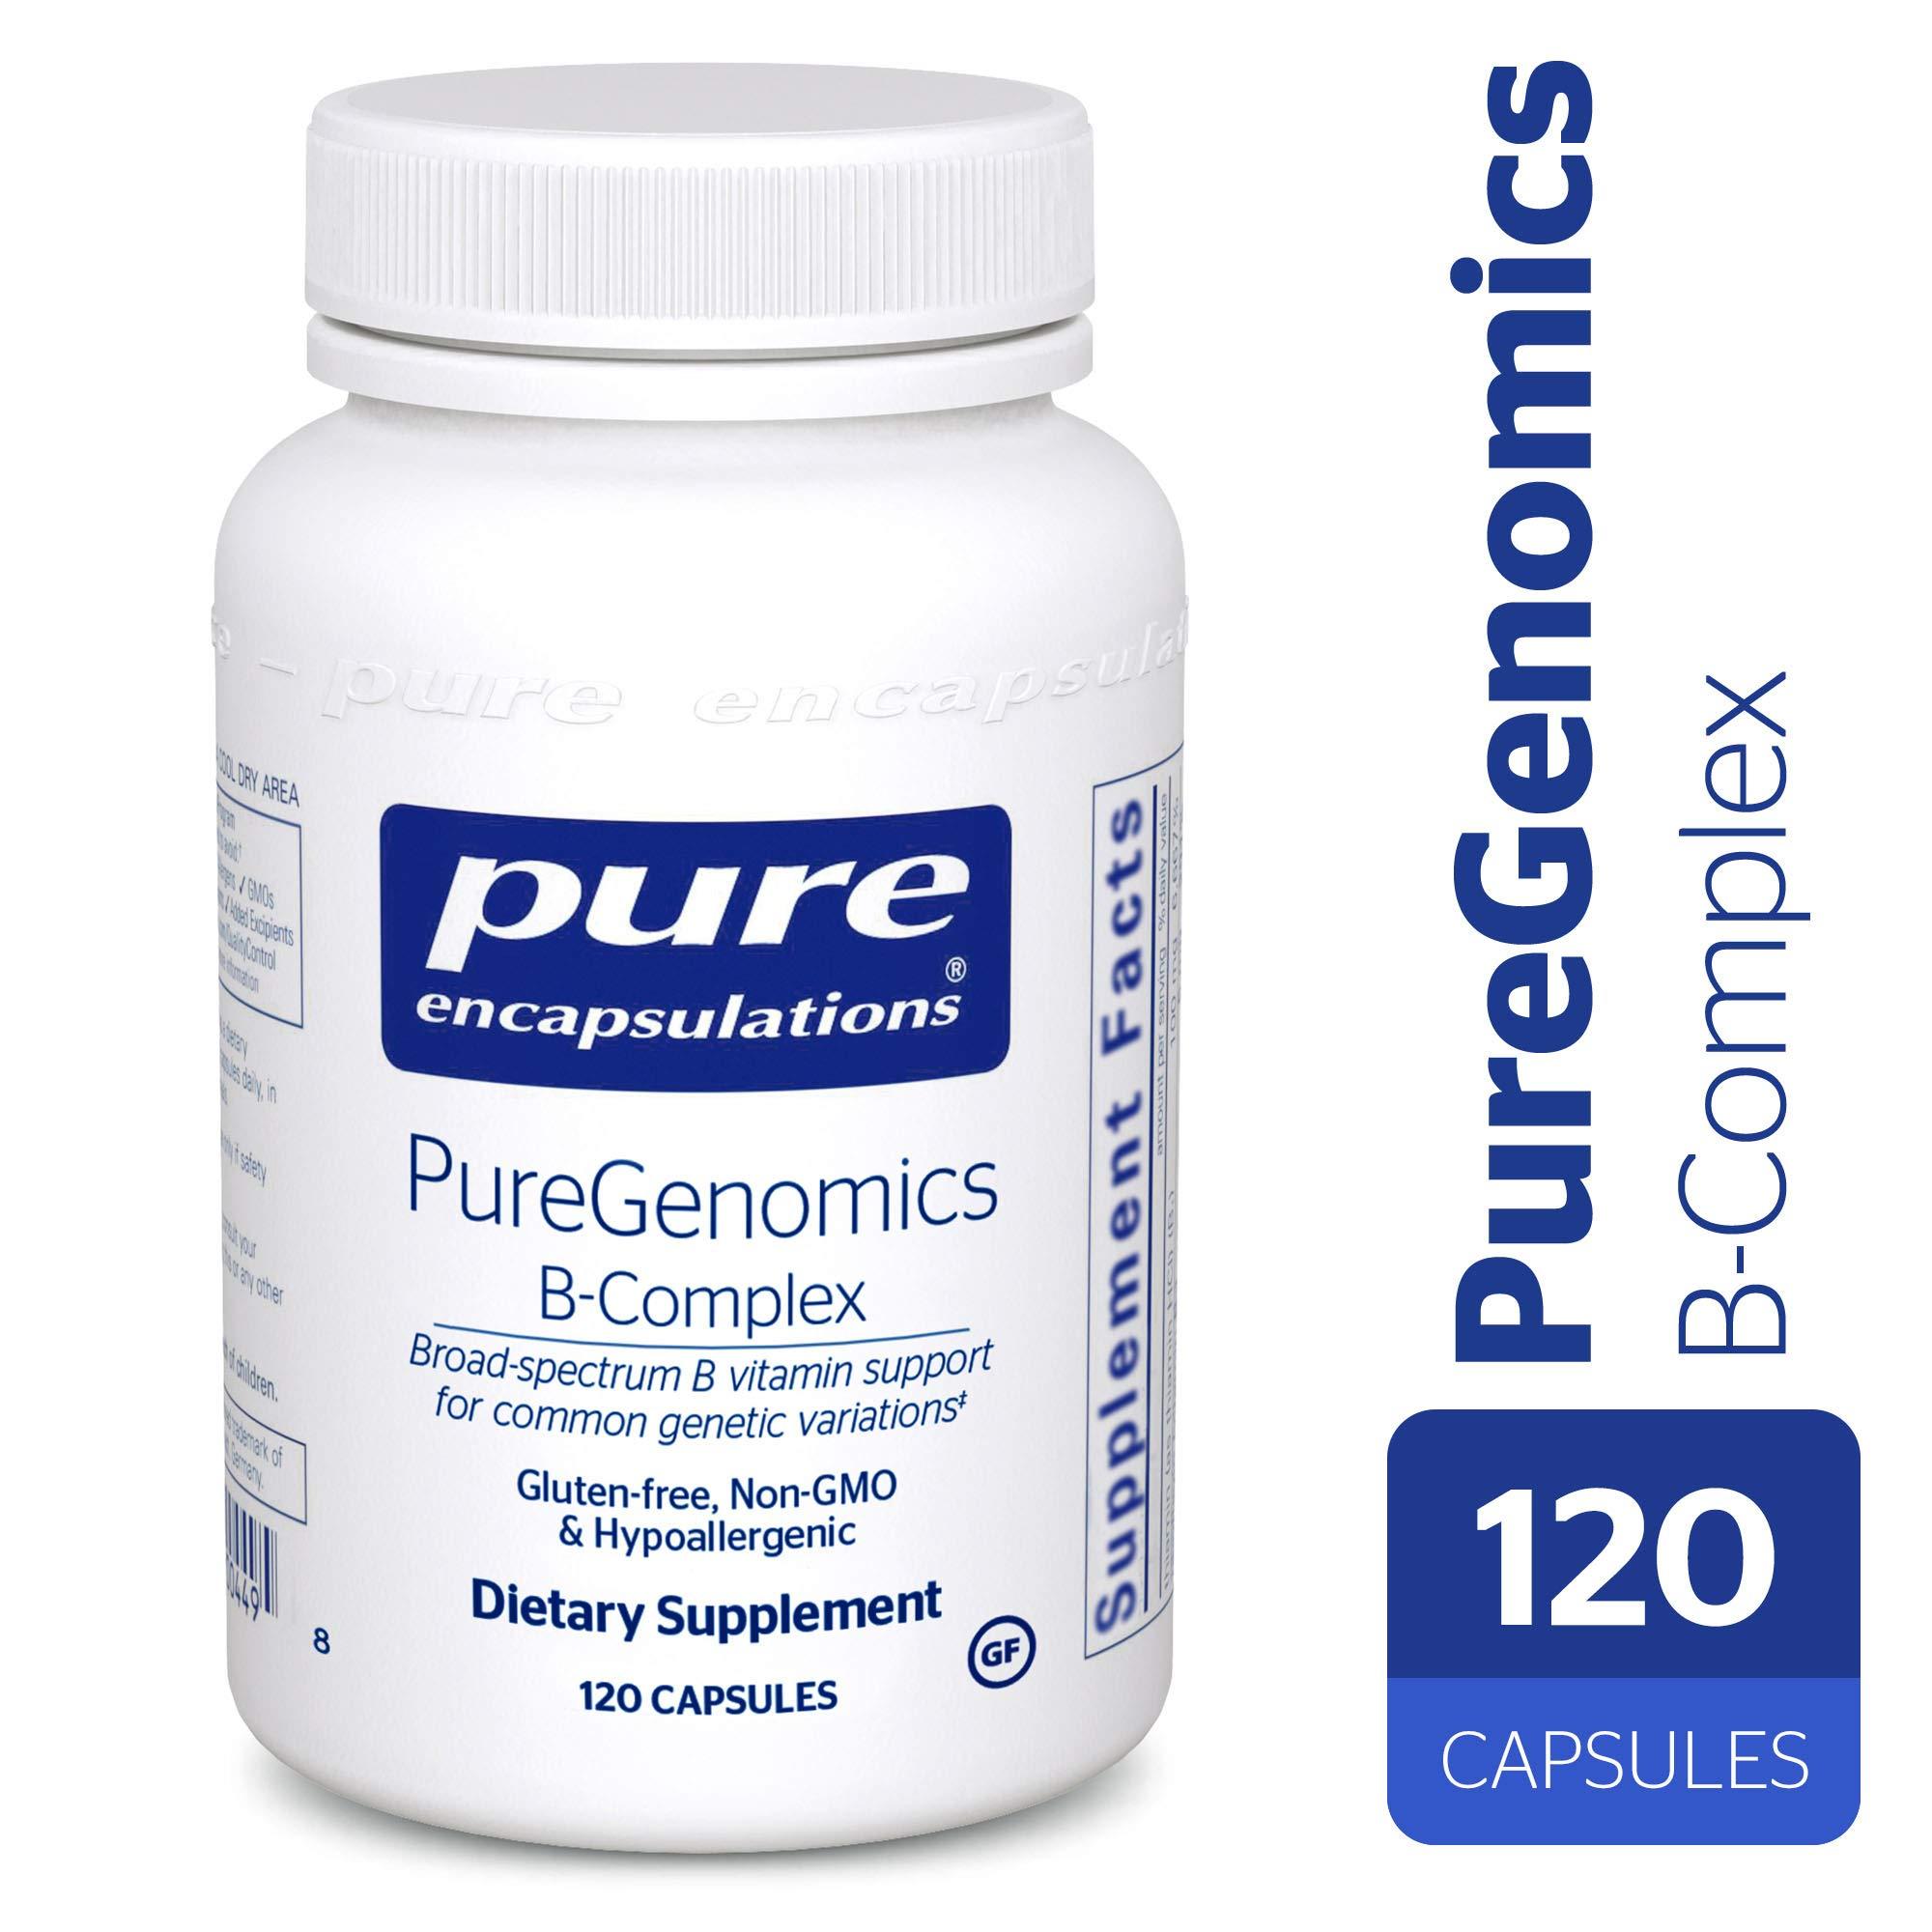 Pure Encapsulations - PureGenomics B-Complex - Broad Spectrum B Vitamin Support for Common Genetic Variations* - 120 Capsules by Pure Encapsulations